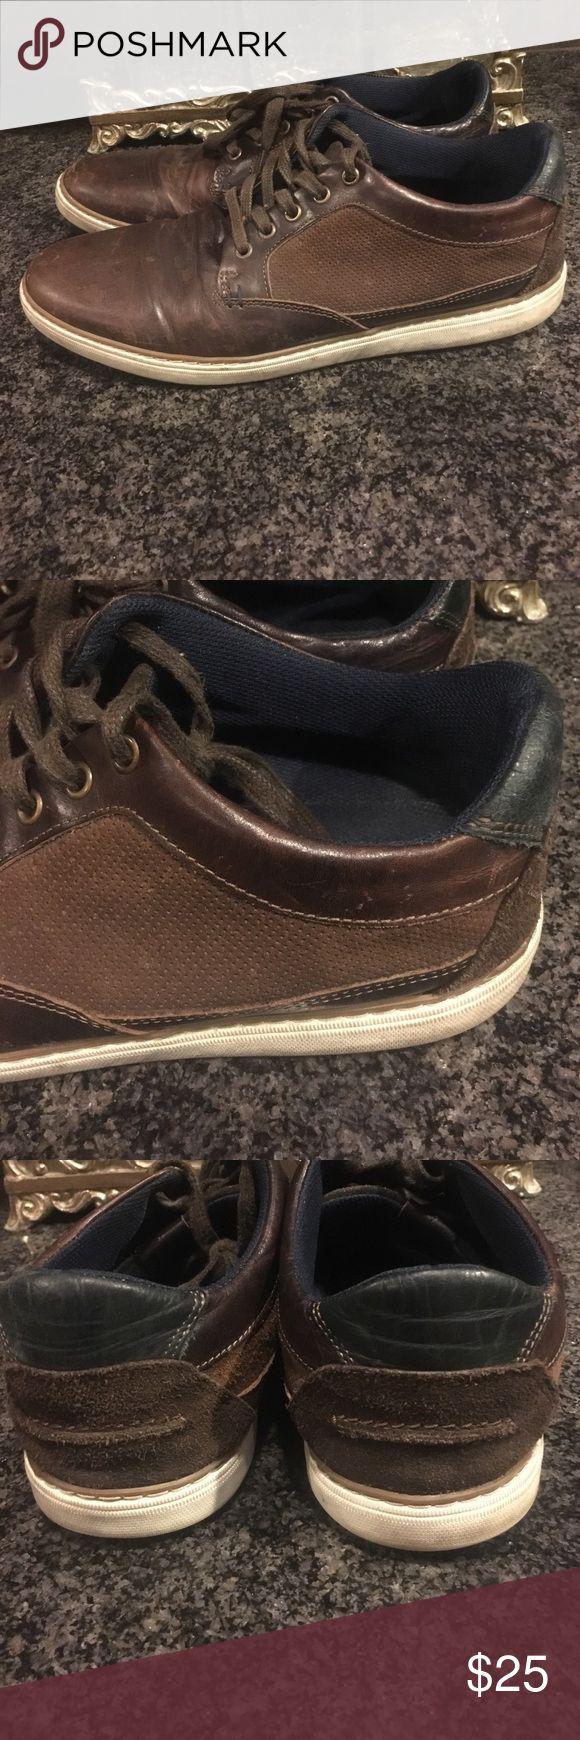 Aldo men brown leather shoes in 10.5 Aldo men brown leather shoes in size 10.5 Aldo Shoes Oxfords & Derbys